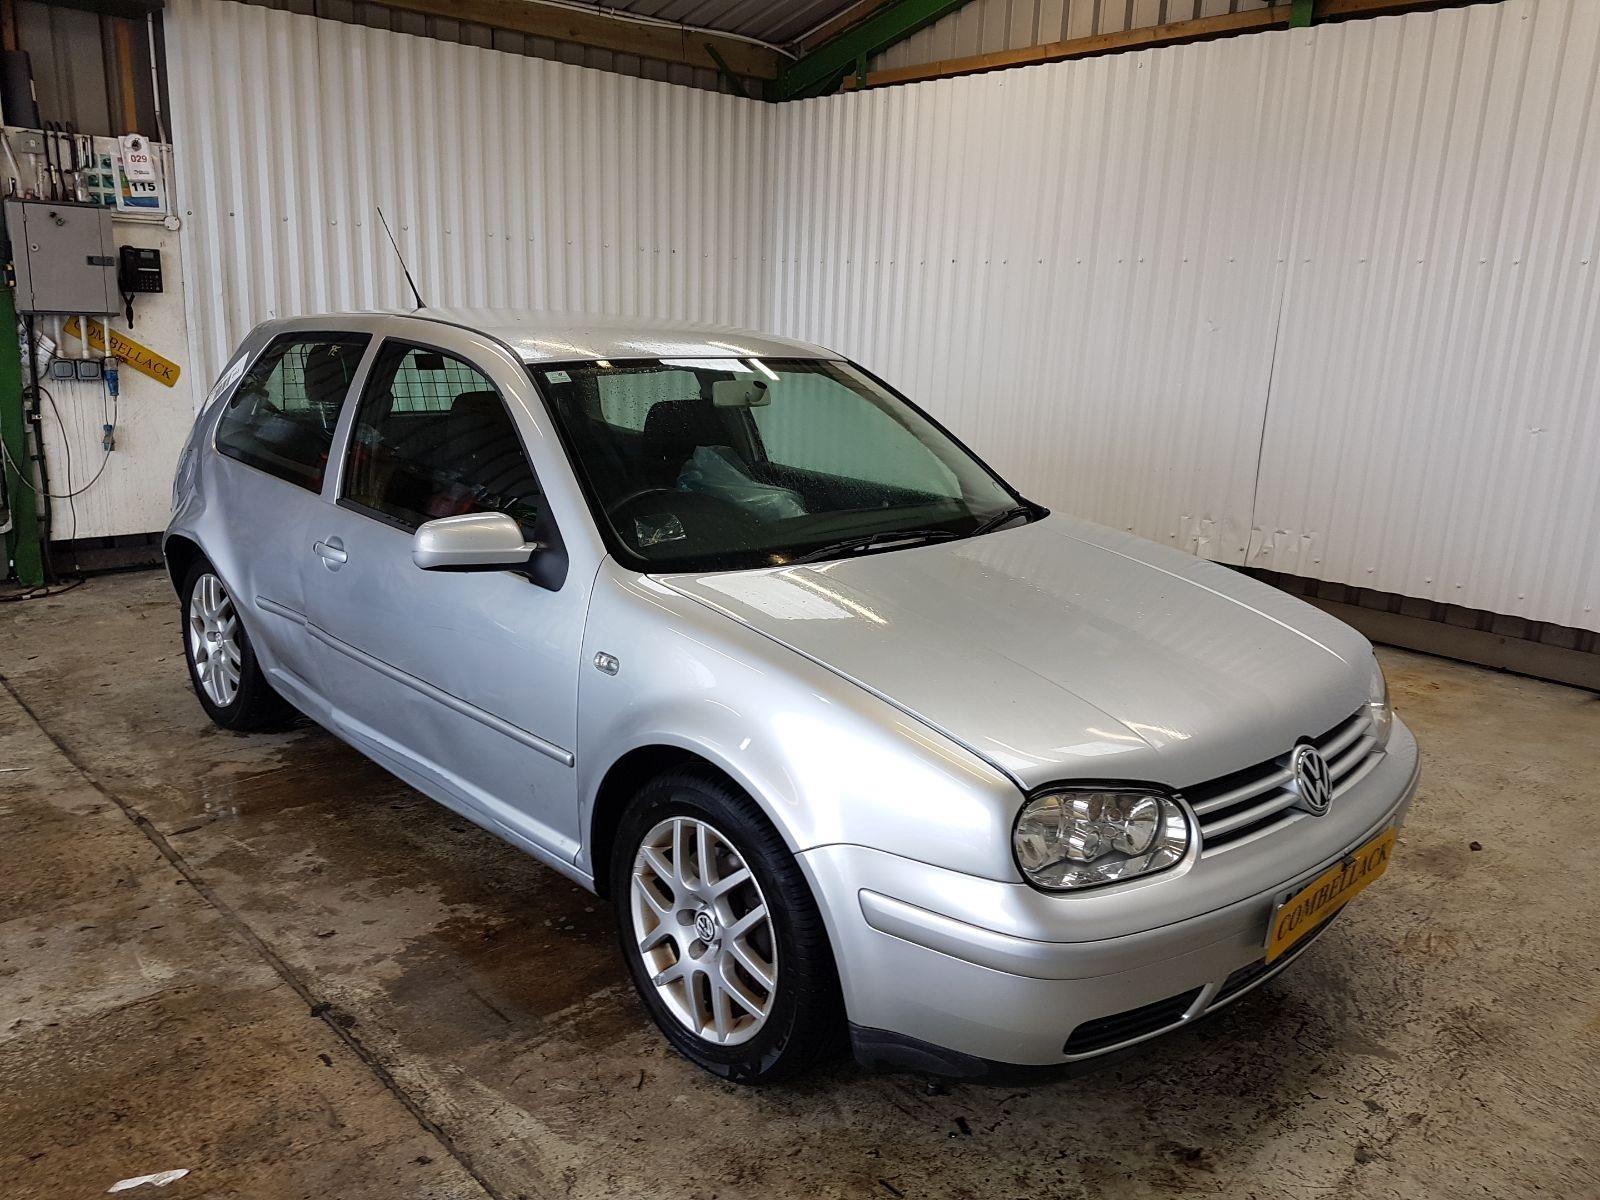 Volkswagen Golf (mk4) 1997 To 2003 PD GT TDi 5 Door Hatchback